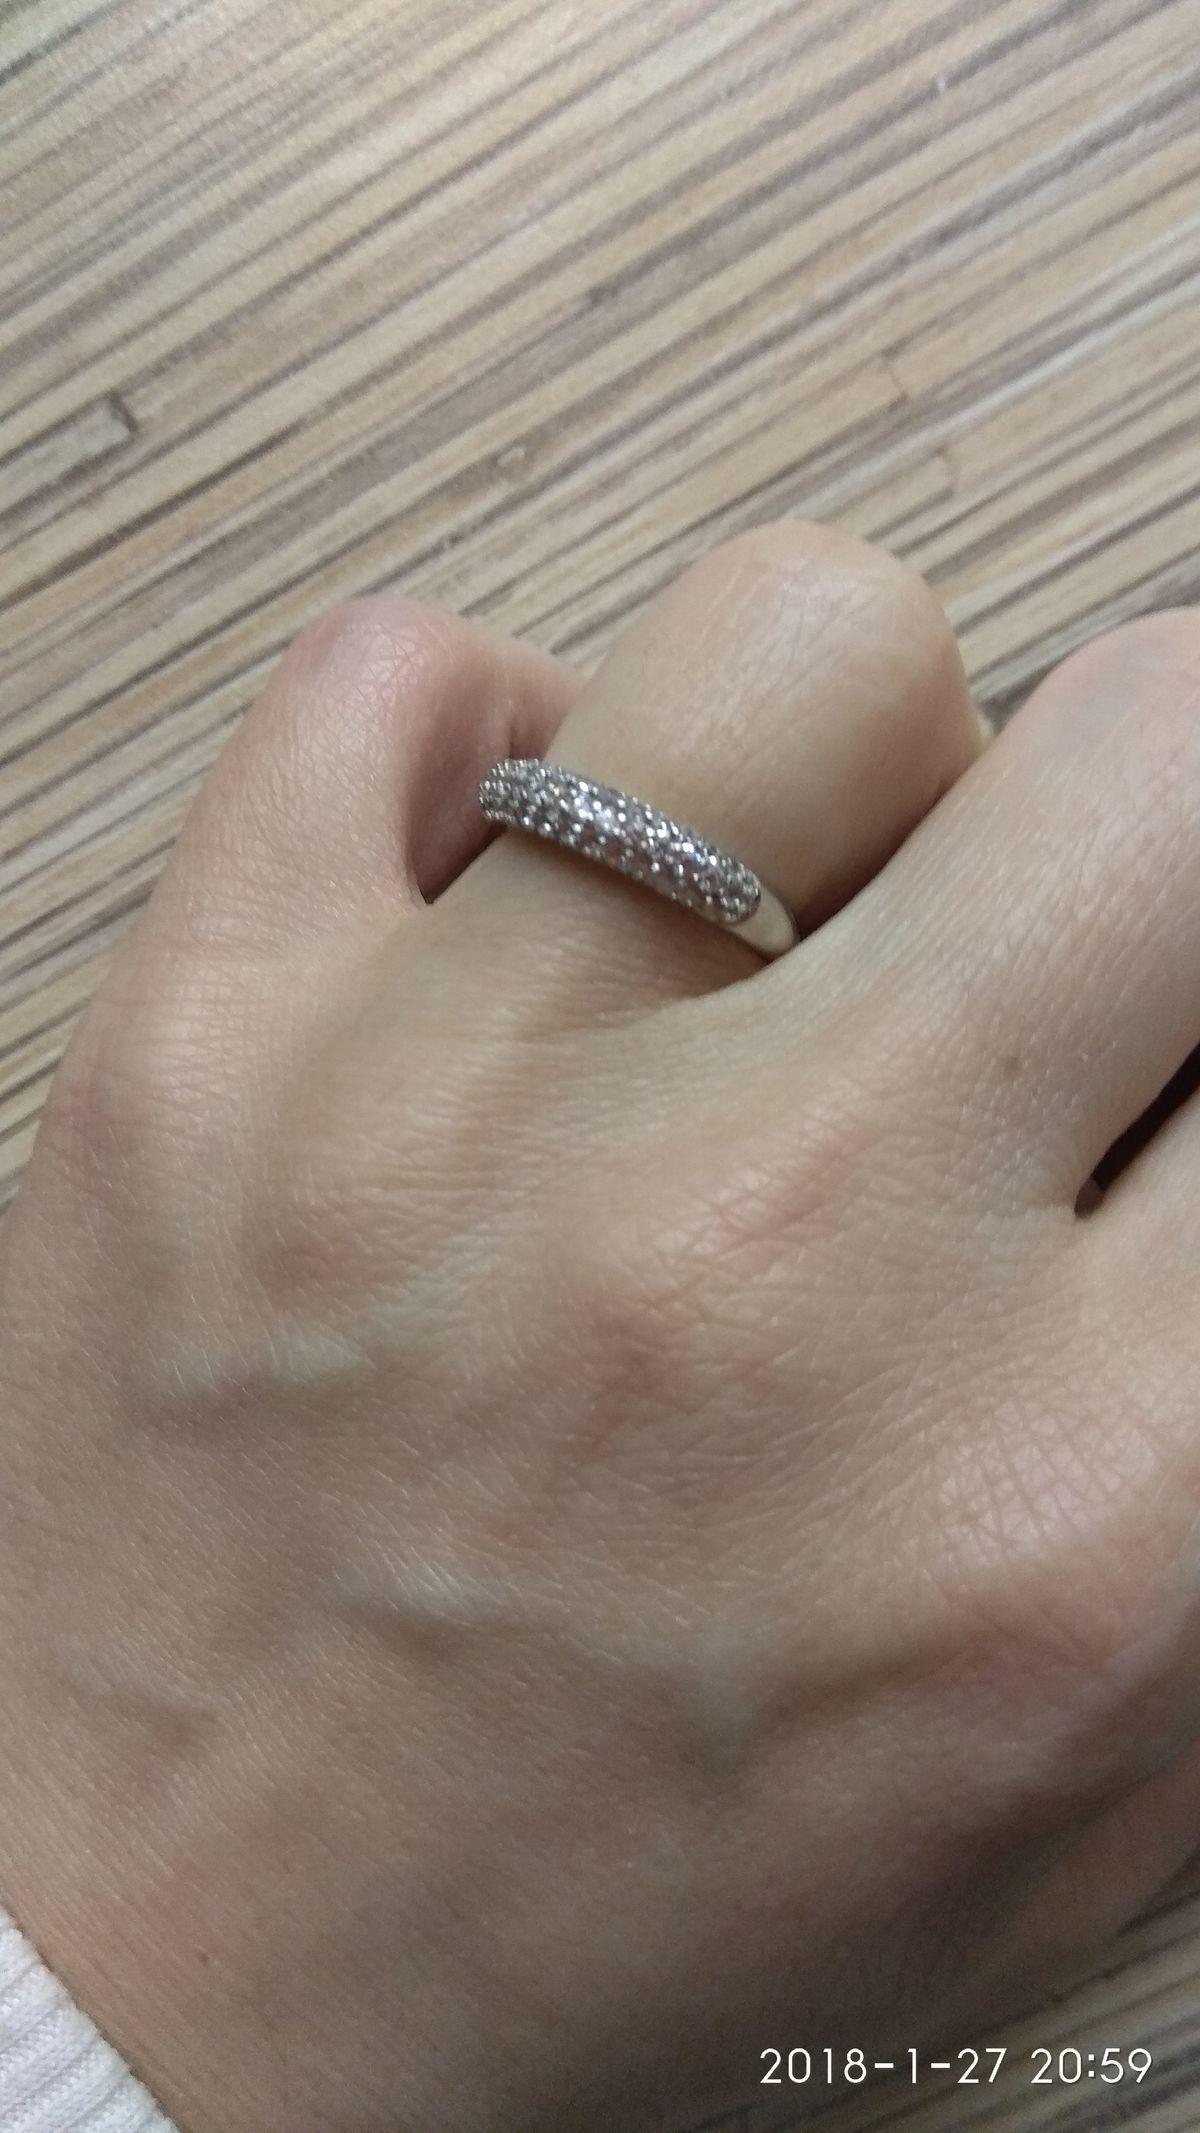 Достойное внимания кольцо!